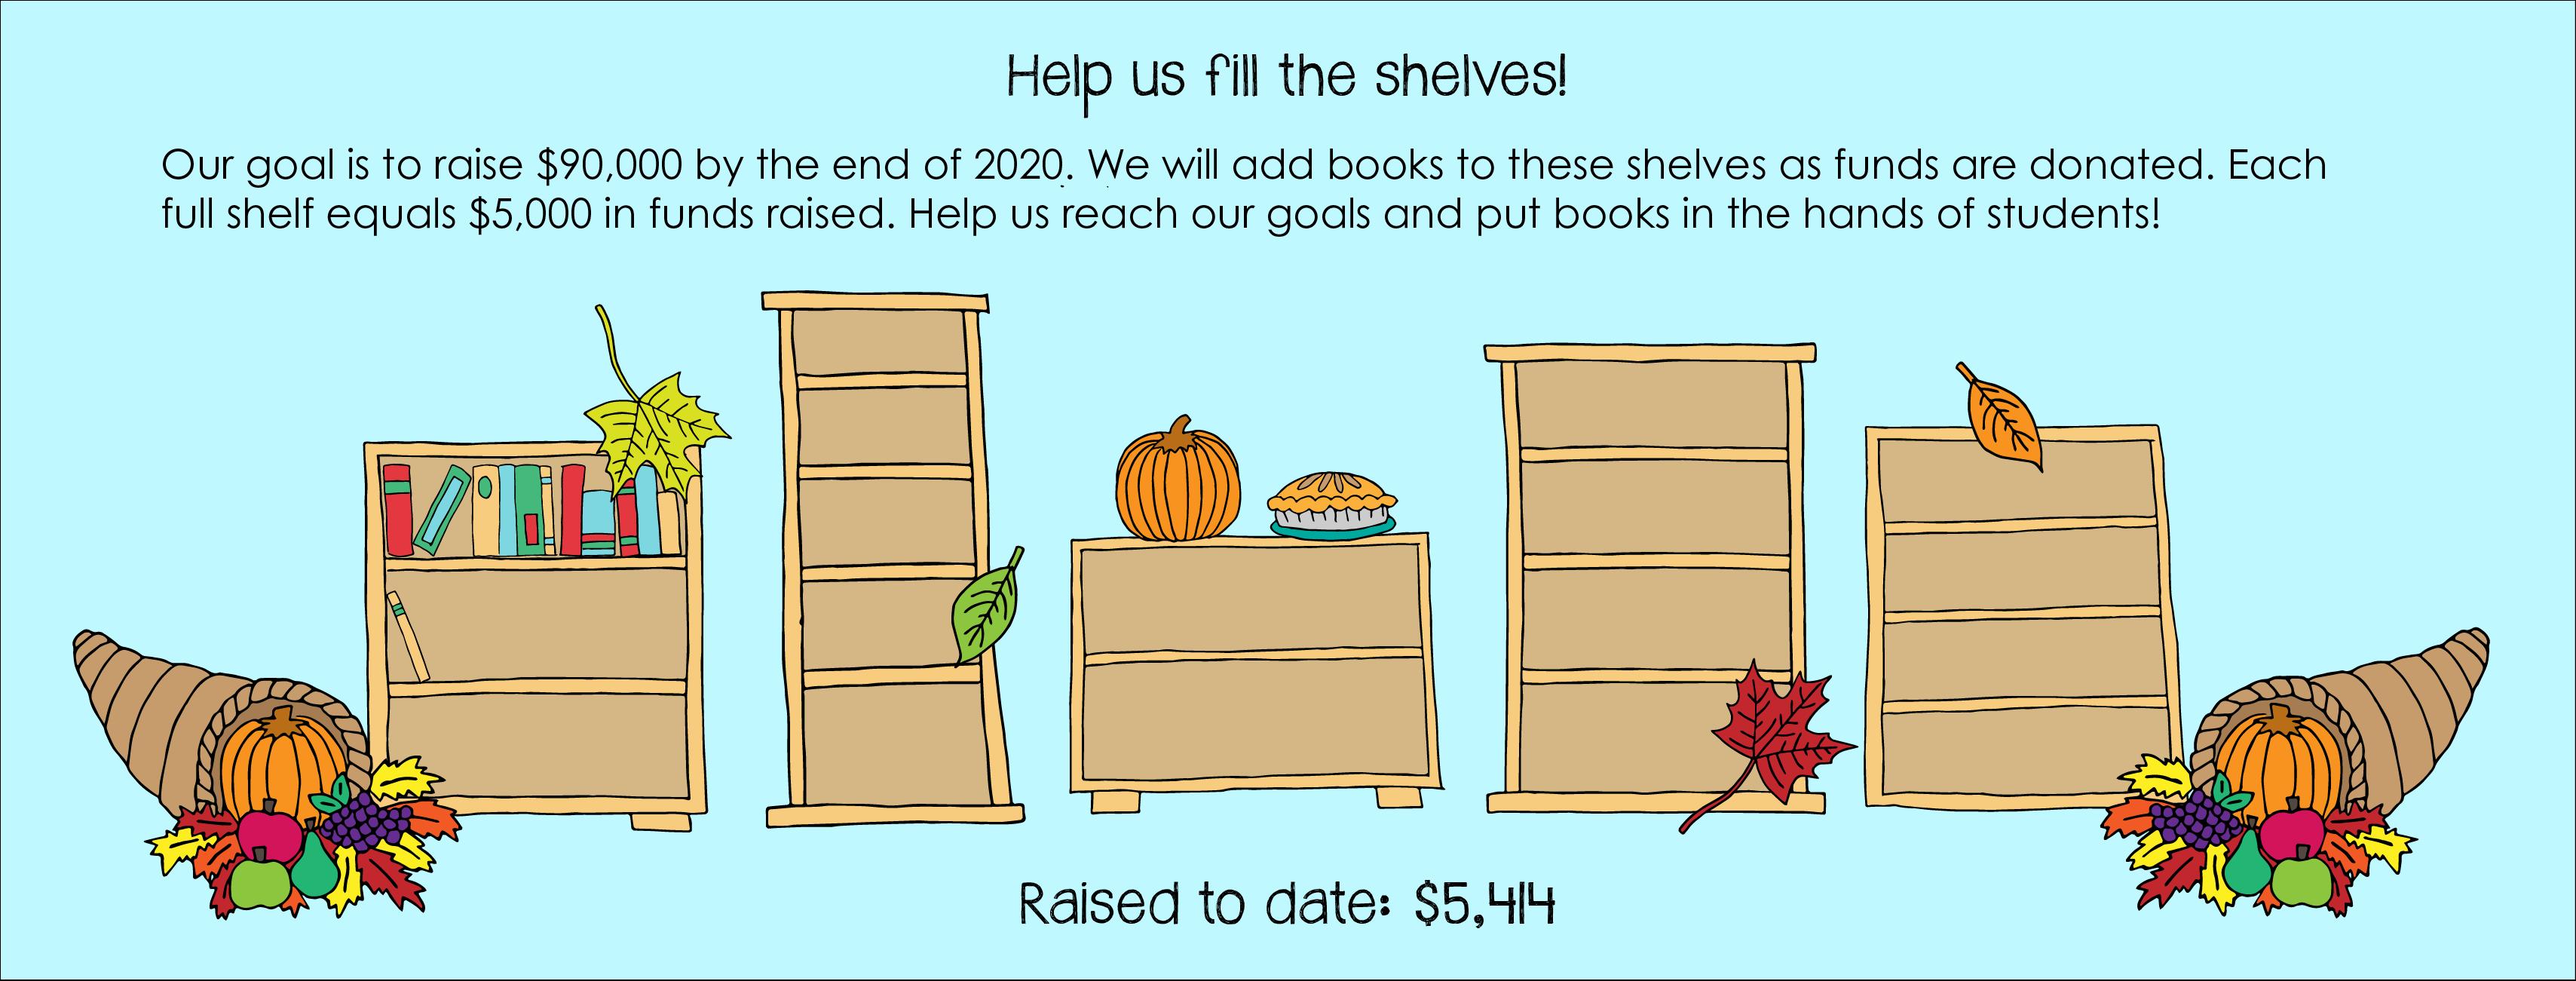 BFK-Shelves-1-05